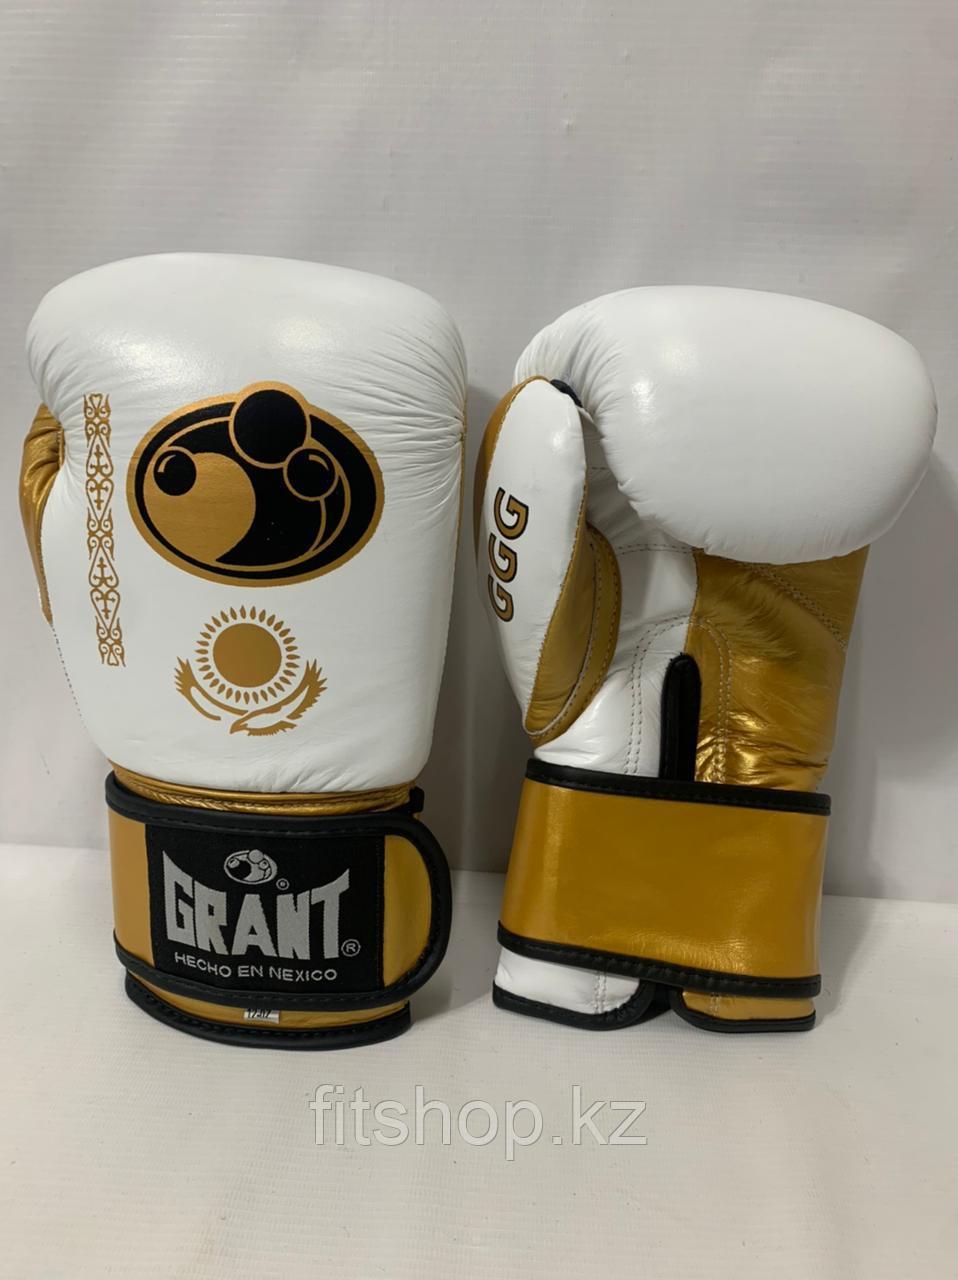 Боксерские перчатки  Grant  GGG ( натуральная кожа )  цвет белый,черный